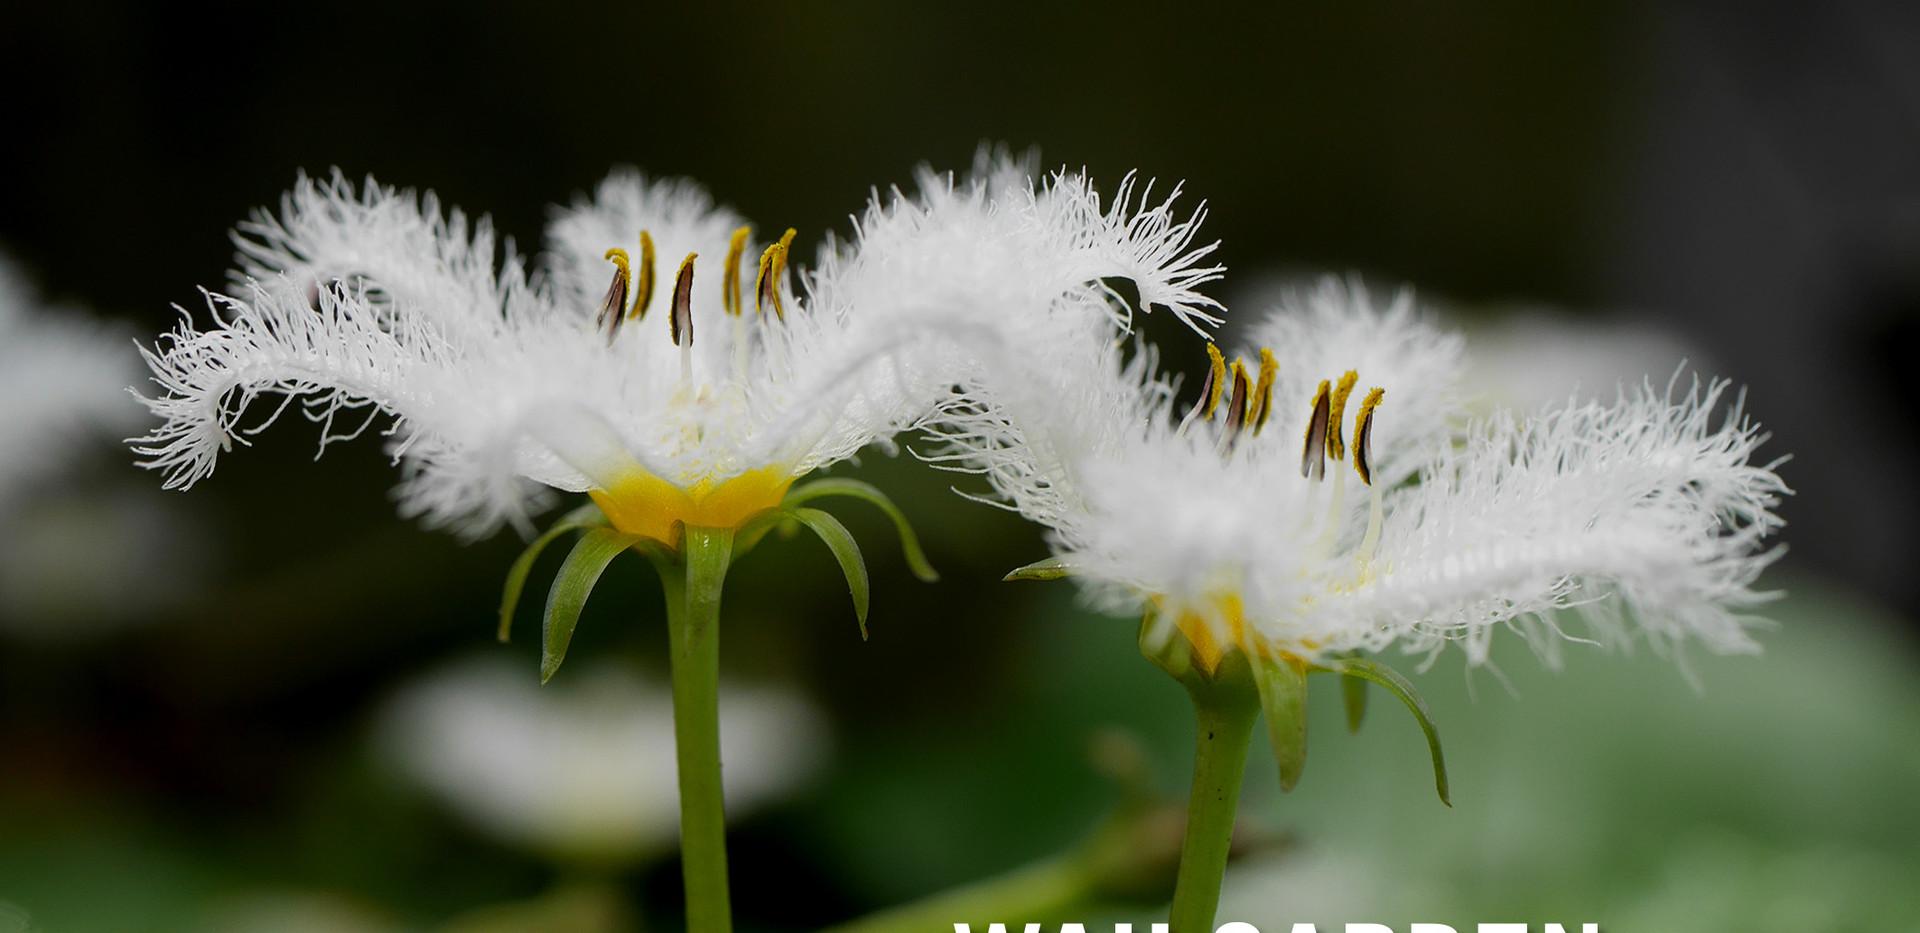 บัวบา ตับเต่าใหญ่ ดอกสีขาว Water Snowfla